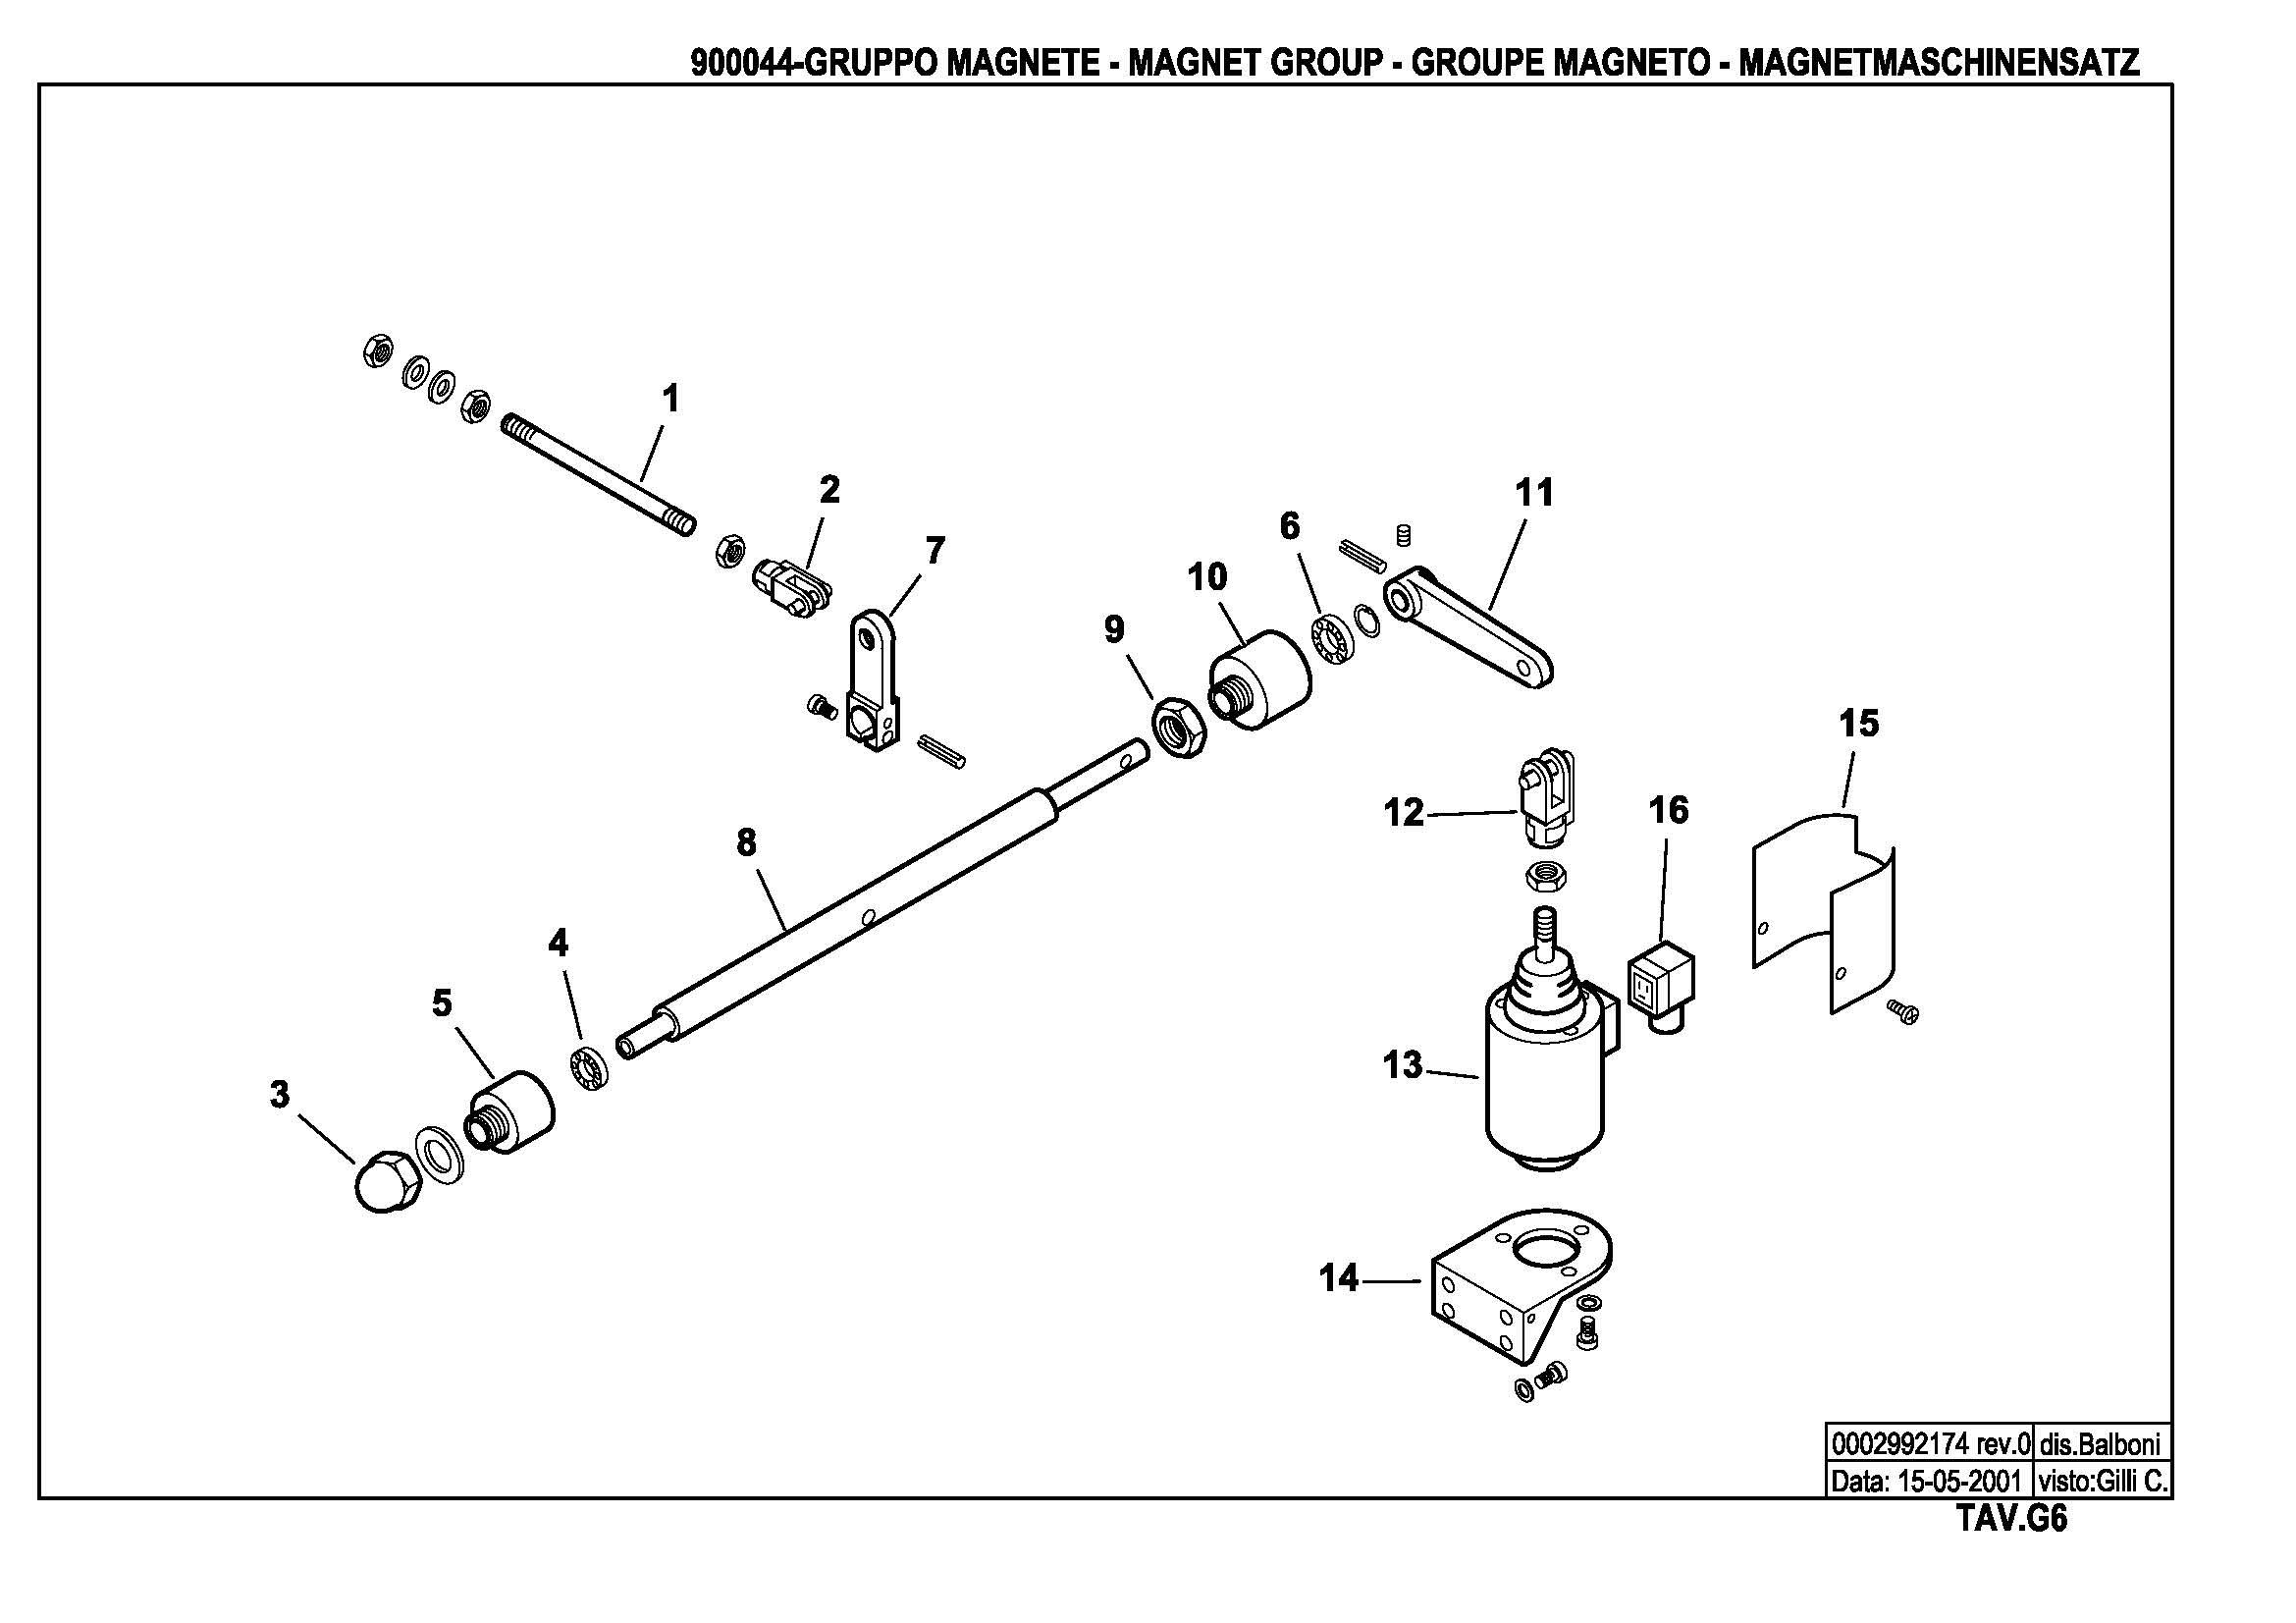 Электромагнитный привод узла распыливания G6 900044 0 20010515